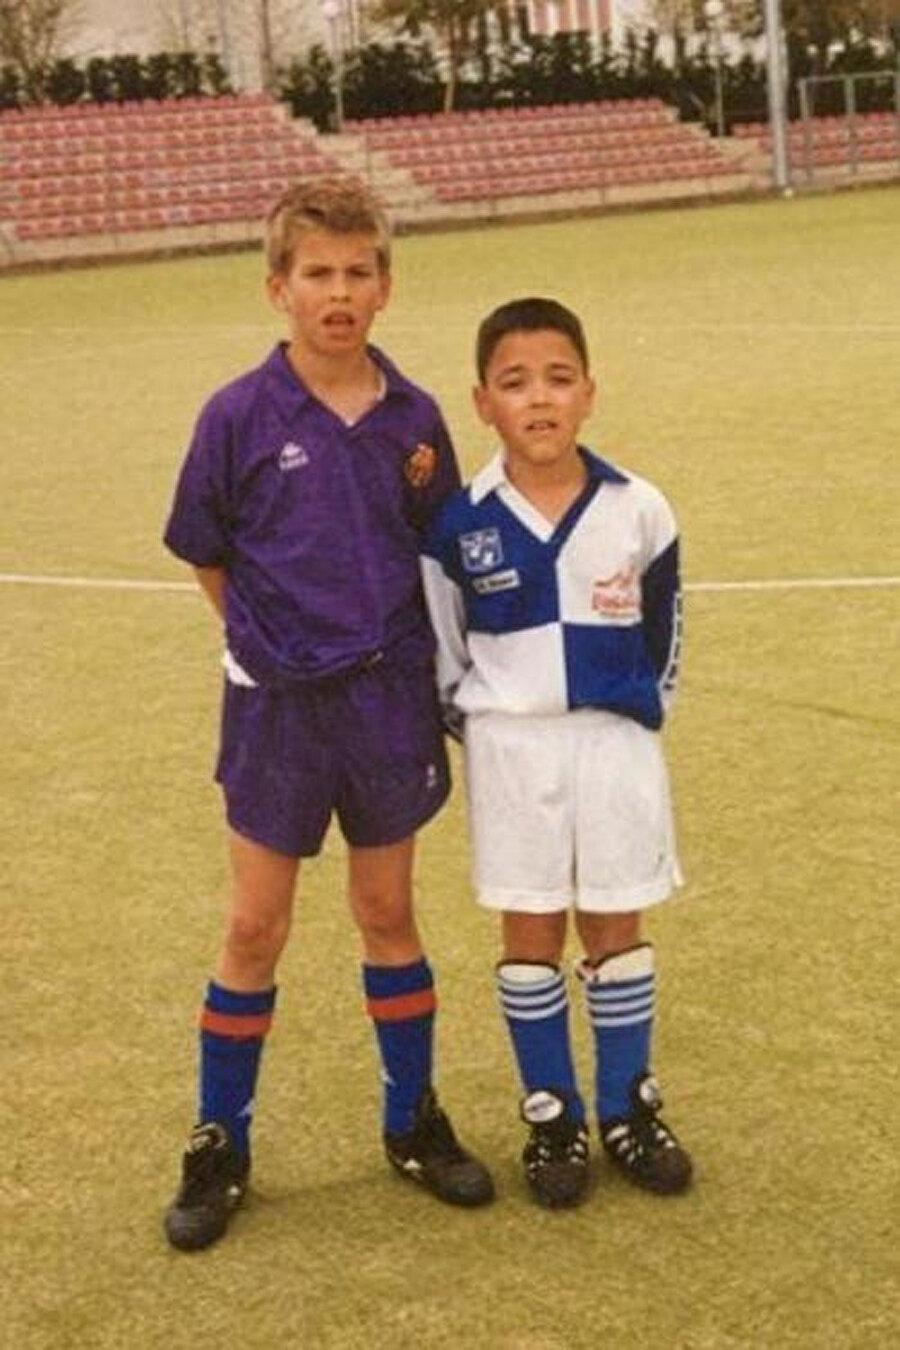 10 yaşında Barcelona altyapısında forma giyen Gerard Pique, 2004'te 17 yaşında Sir Alex Ferguson tarafından keşfedildi.